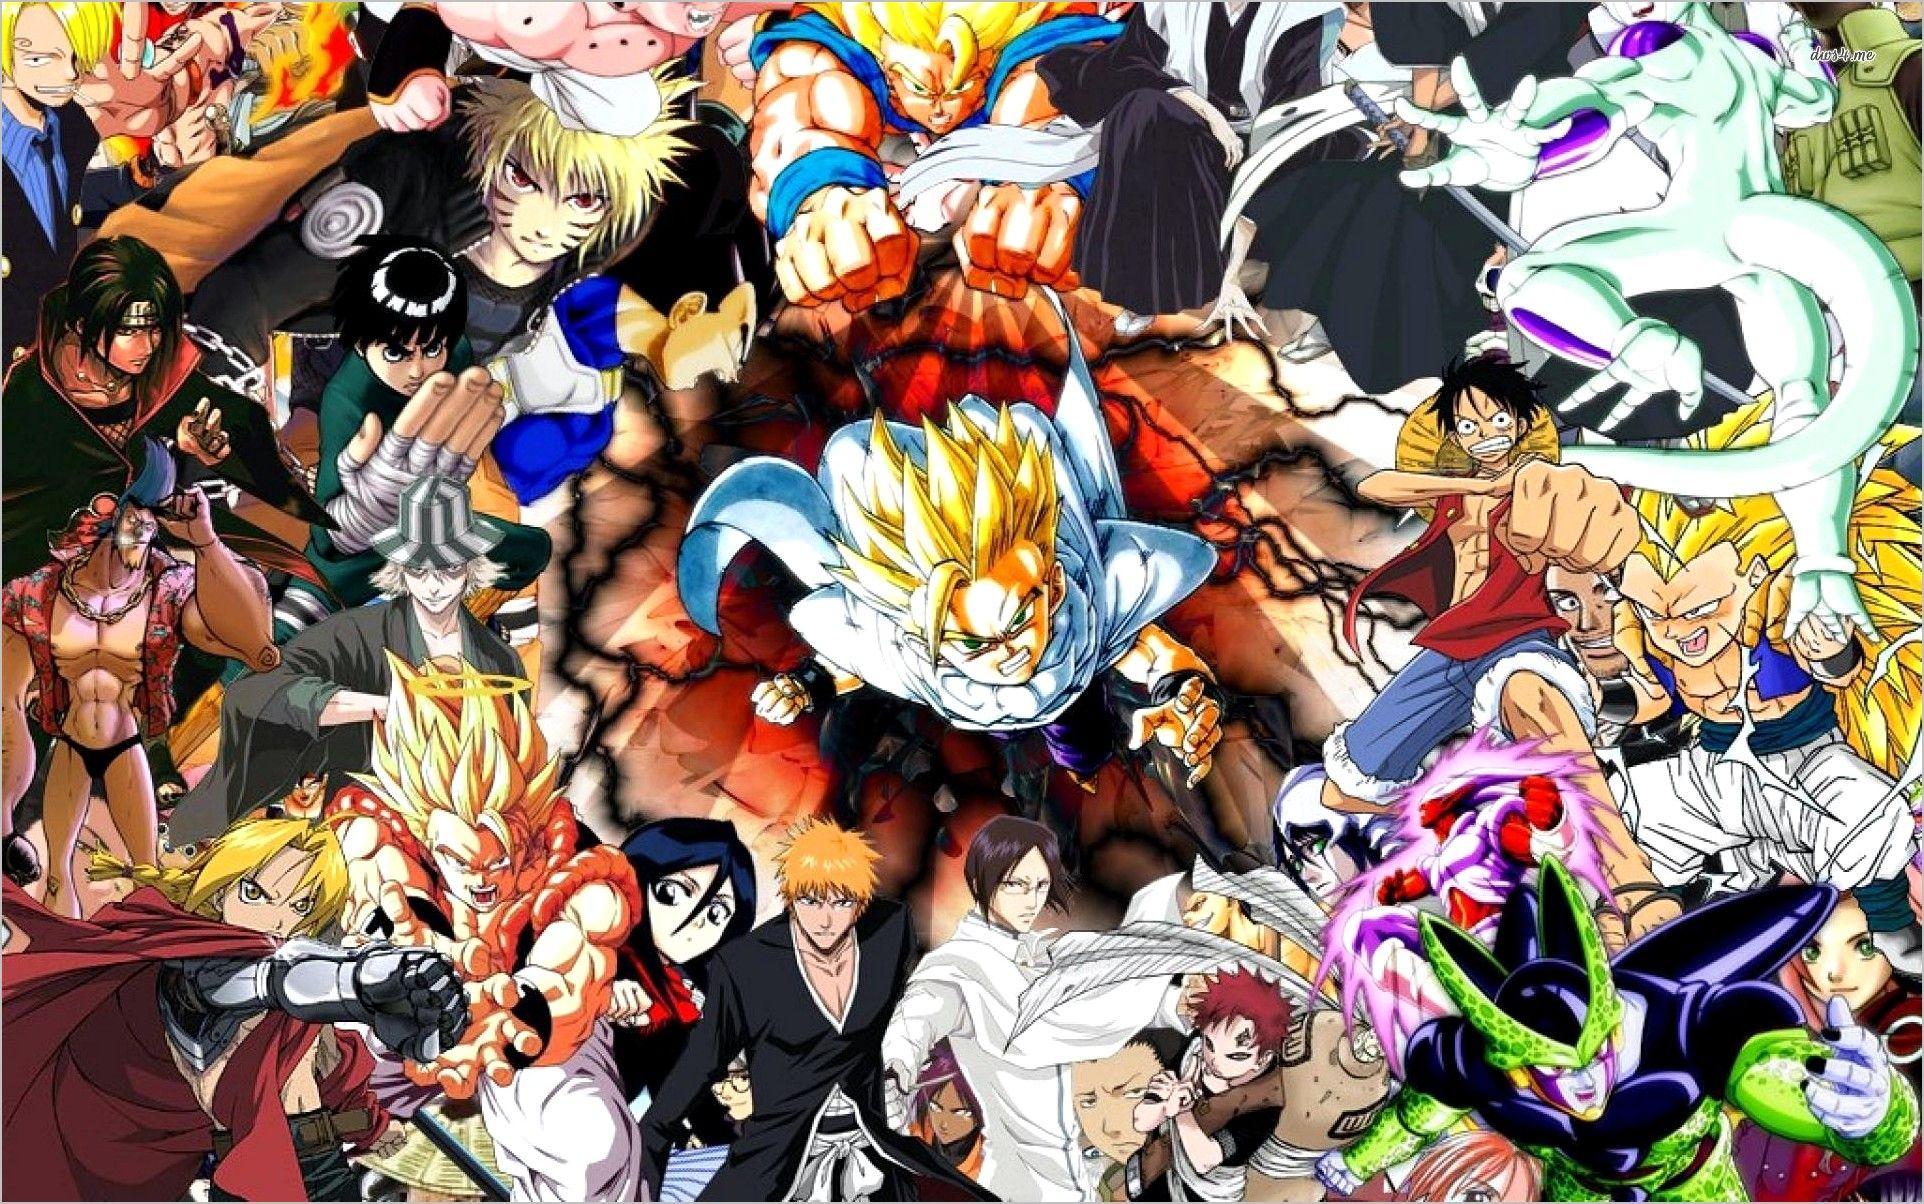 Anime Shonen Wallpaper 4k In 2020 Anime Character Wallpaper